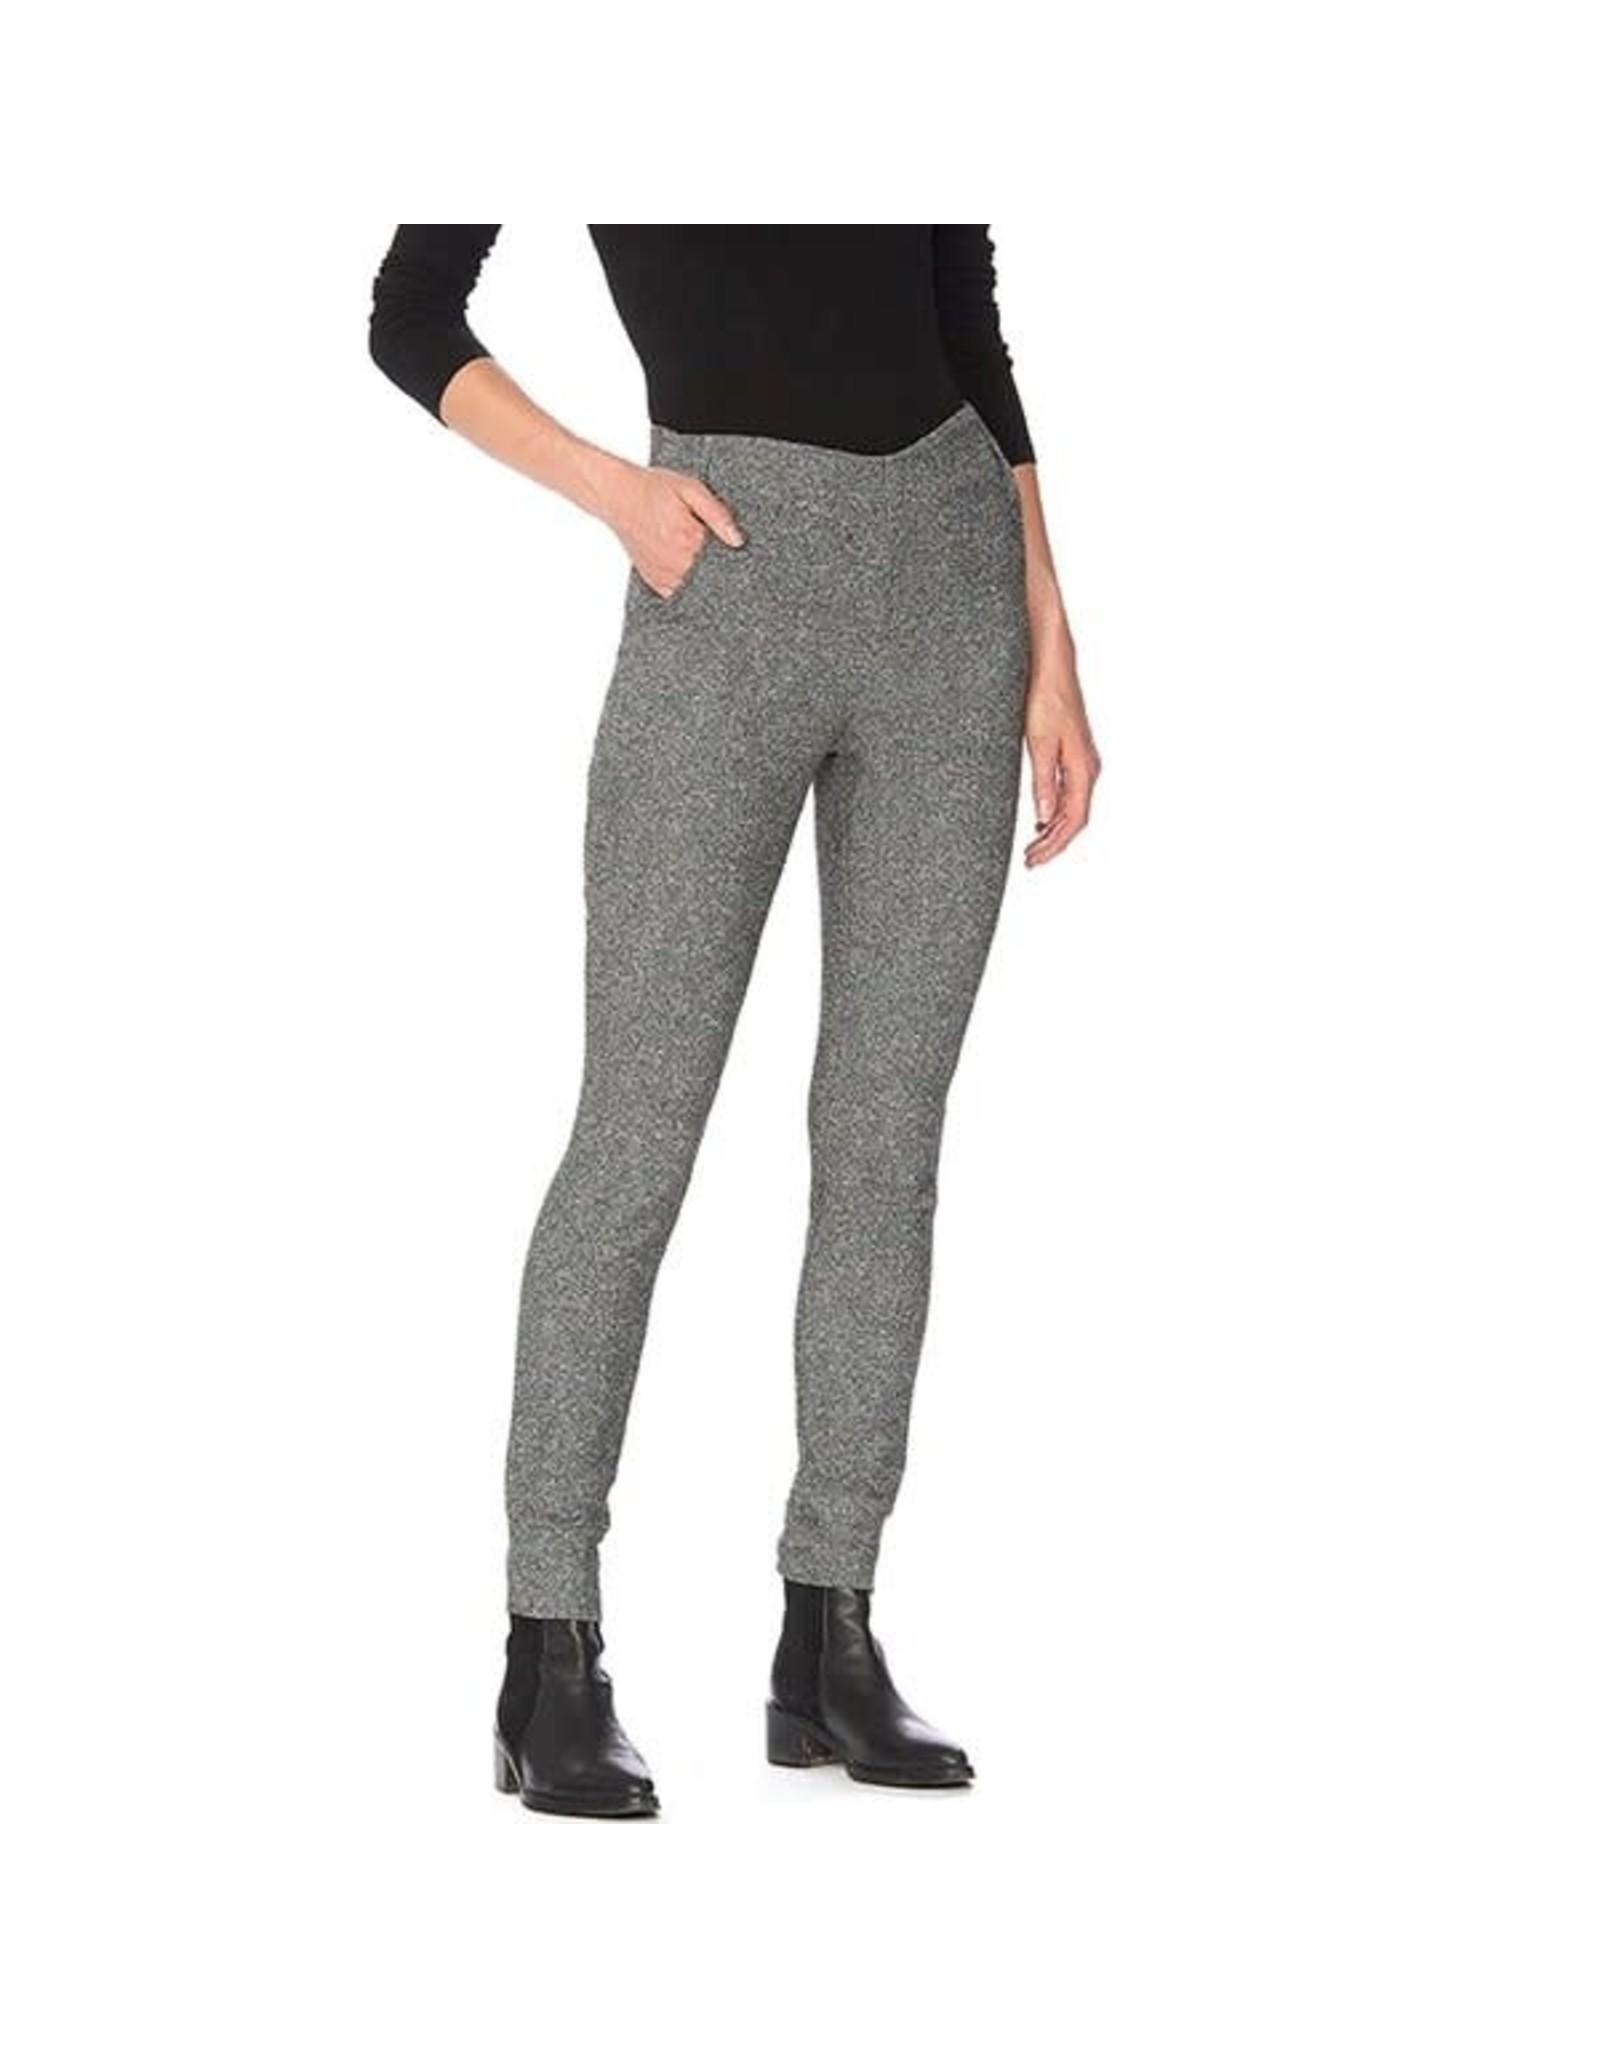 Hue Tweed Legging